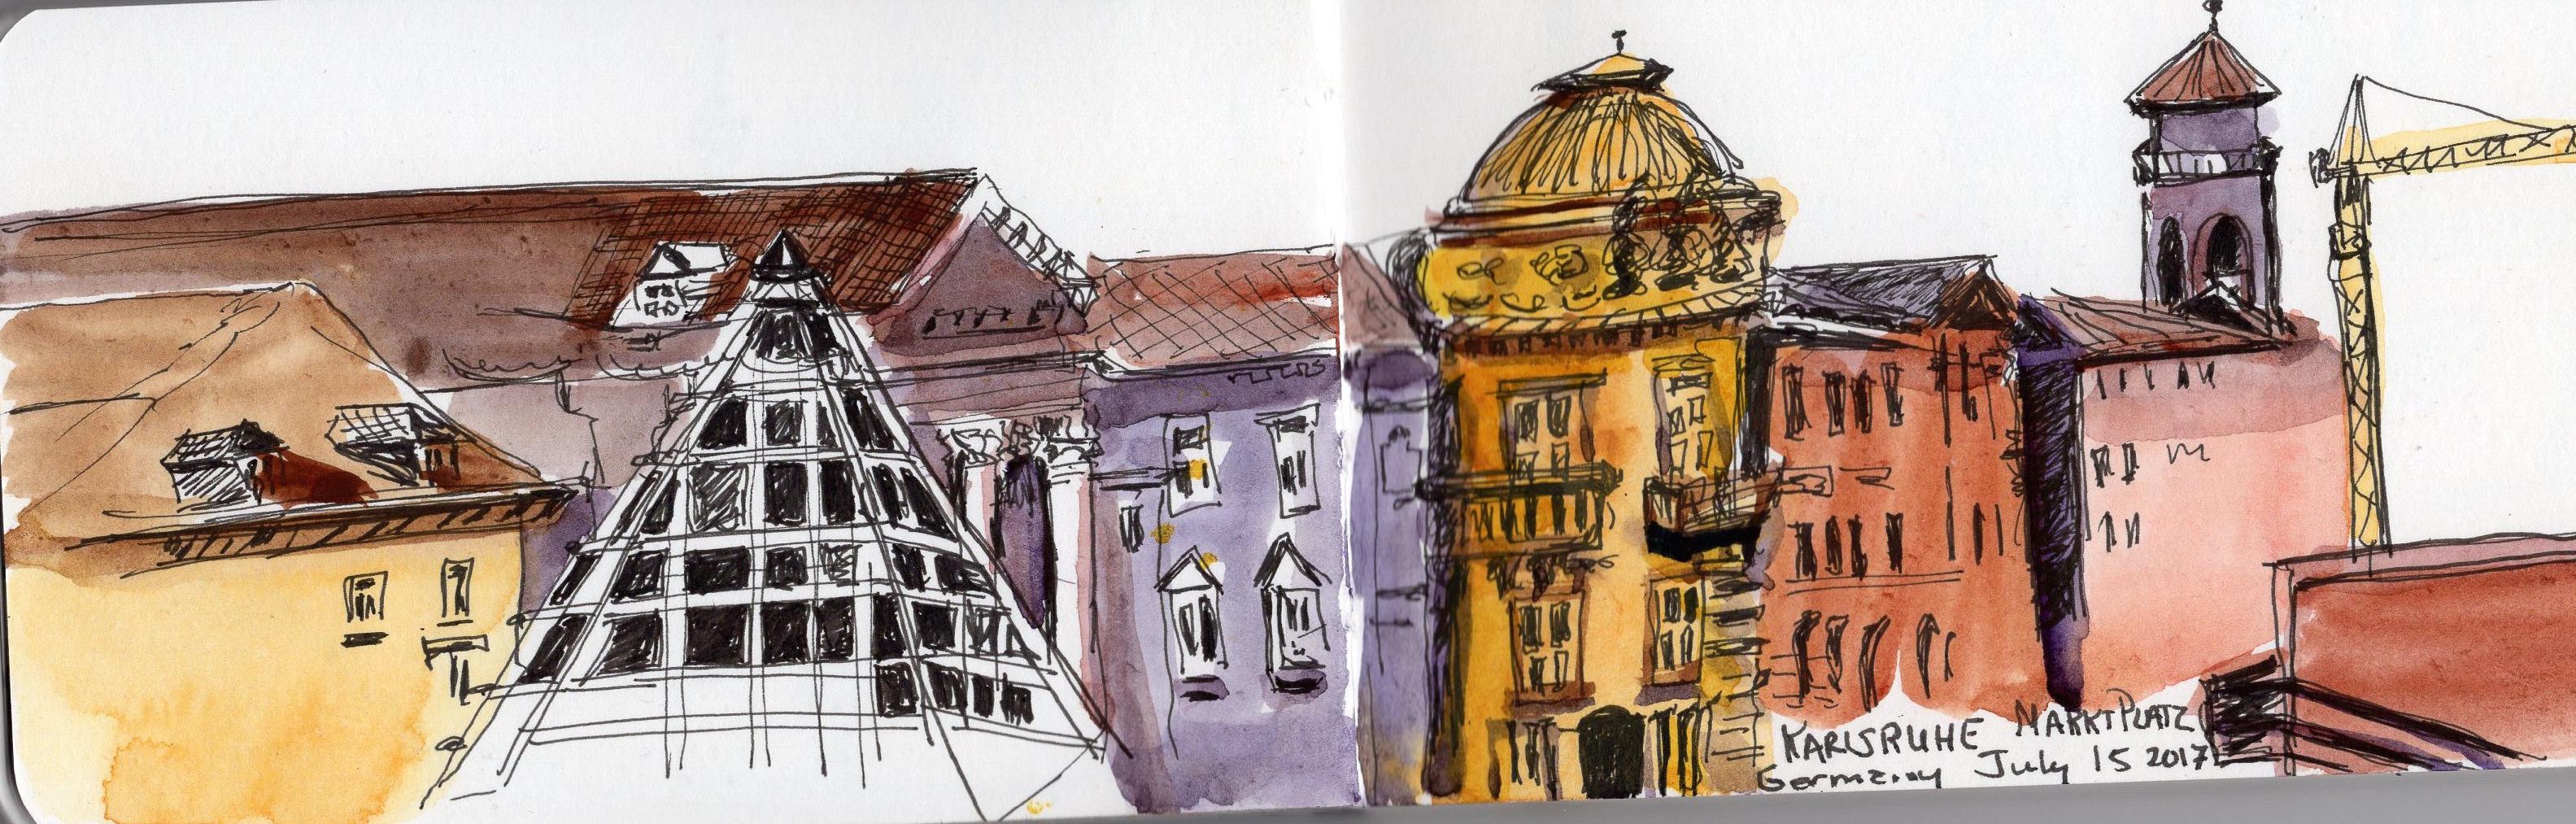 Karlsruhe sketch